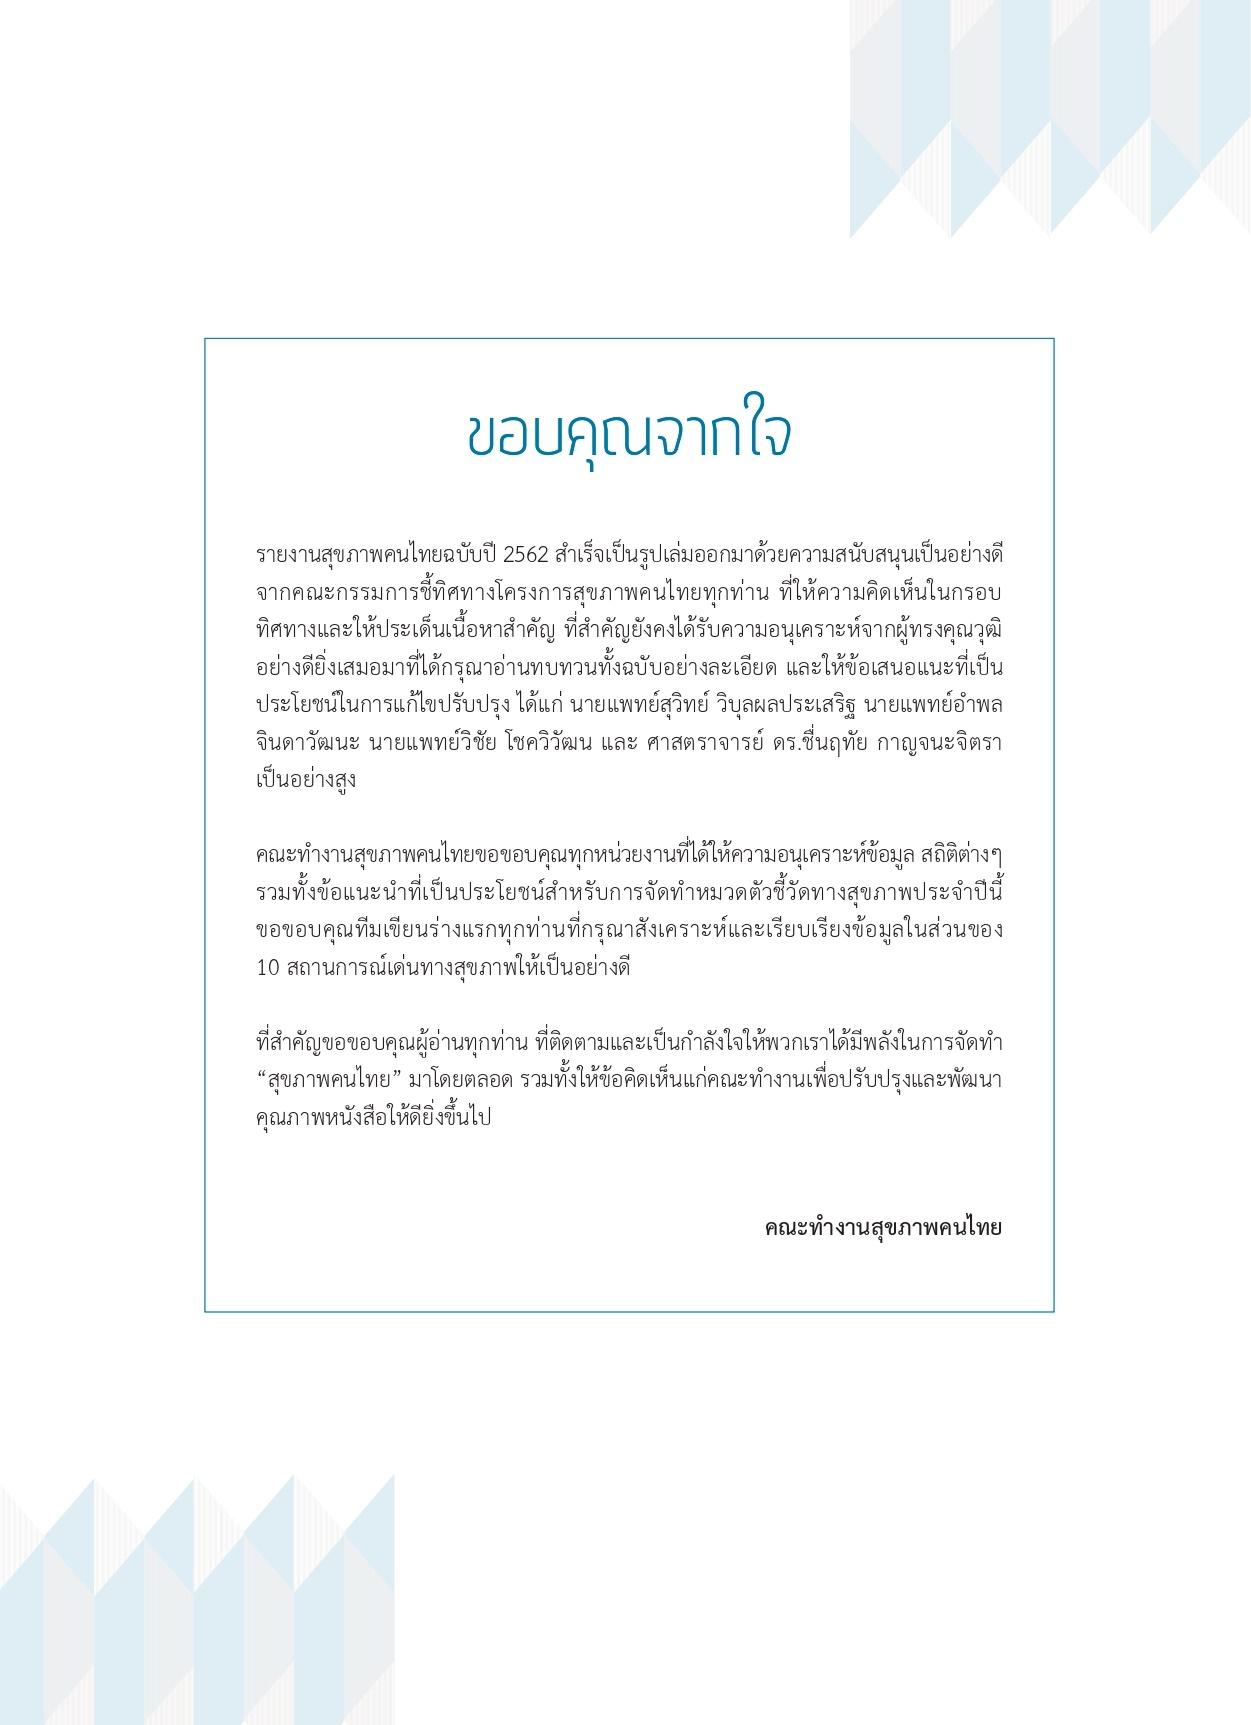 รายงานสุขภาพคนไทย 2562  : สื่อสังคม สื่อสองคม สุขภาวะคนไทยในโลกโซเชียล